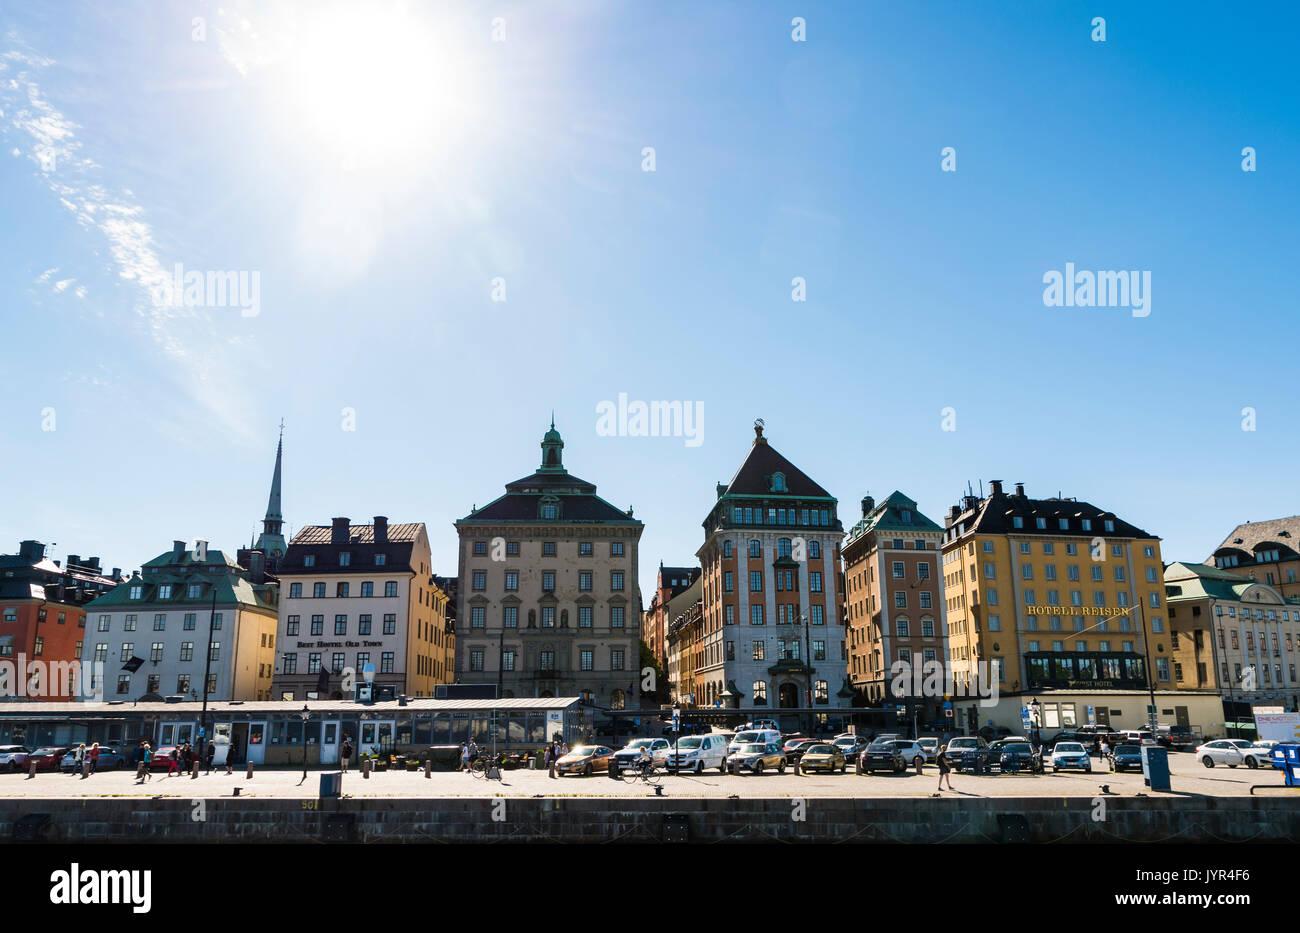 Avis de Skeppsbron, Gamla Stan, Stockholm, Suède. Joli quai des bâtiments sur une journée ensoleillée. Photo Stock